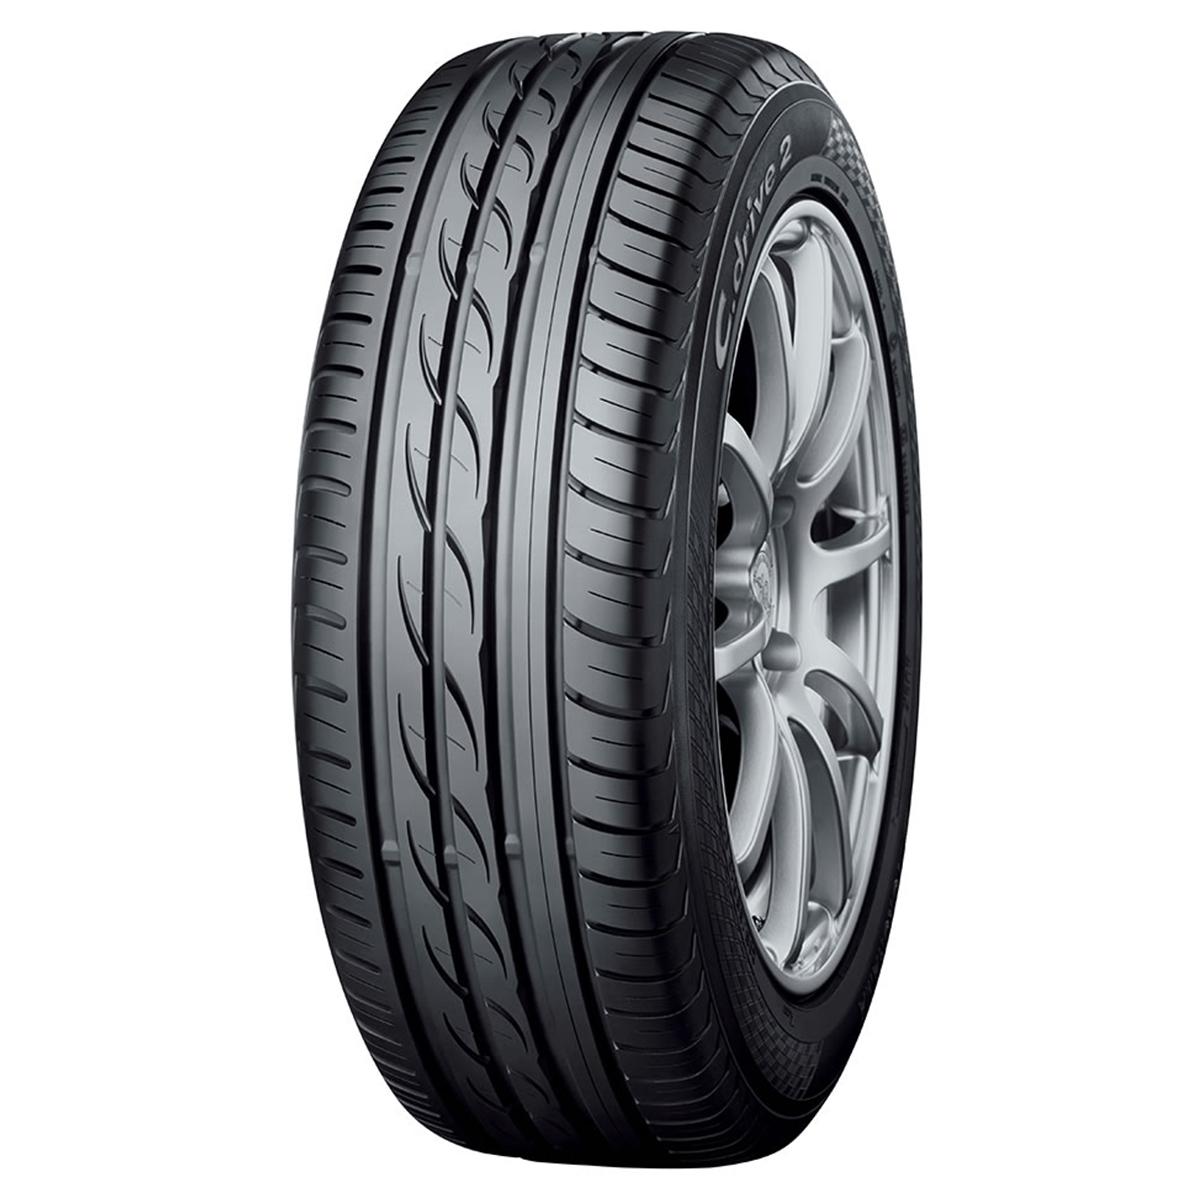 Yokohama AC02 205/55 R 16 Tubeless 91 V Car Tyre